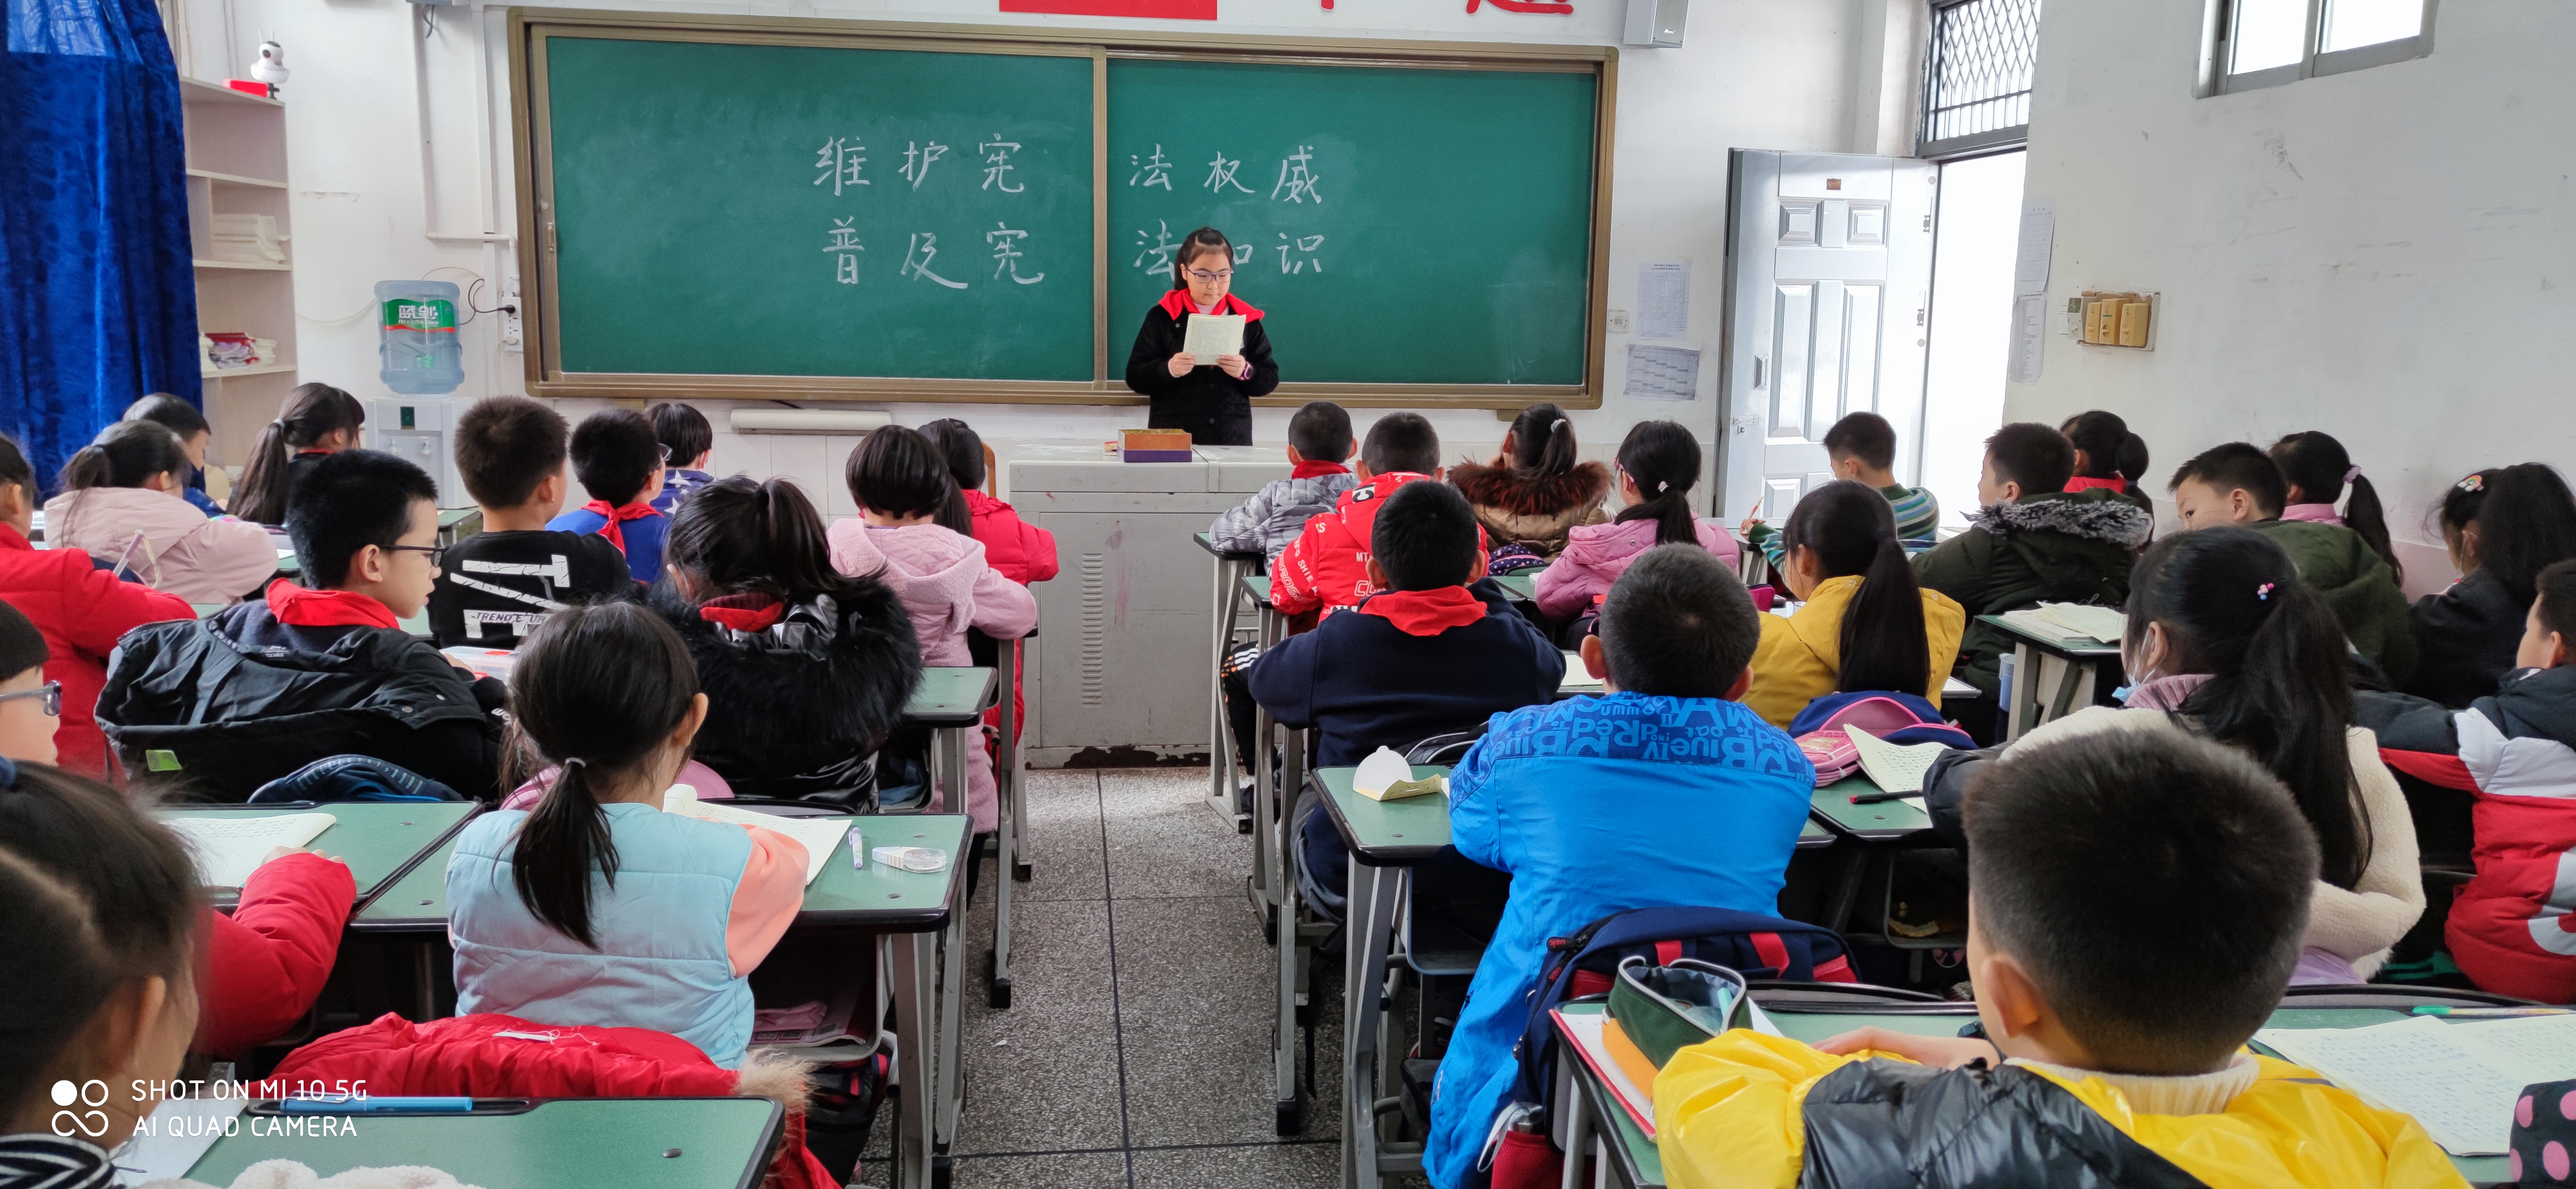 """德阳市岷江东路逸夫学校开展""""宪法宣传周""""活动"""